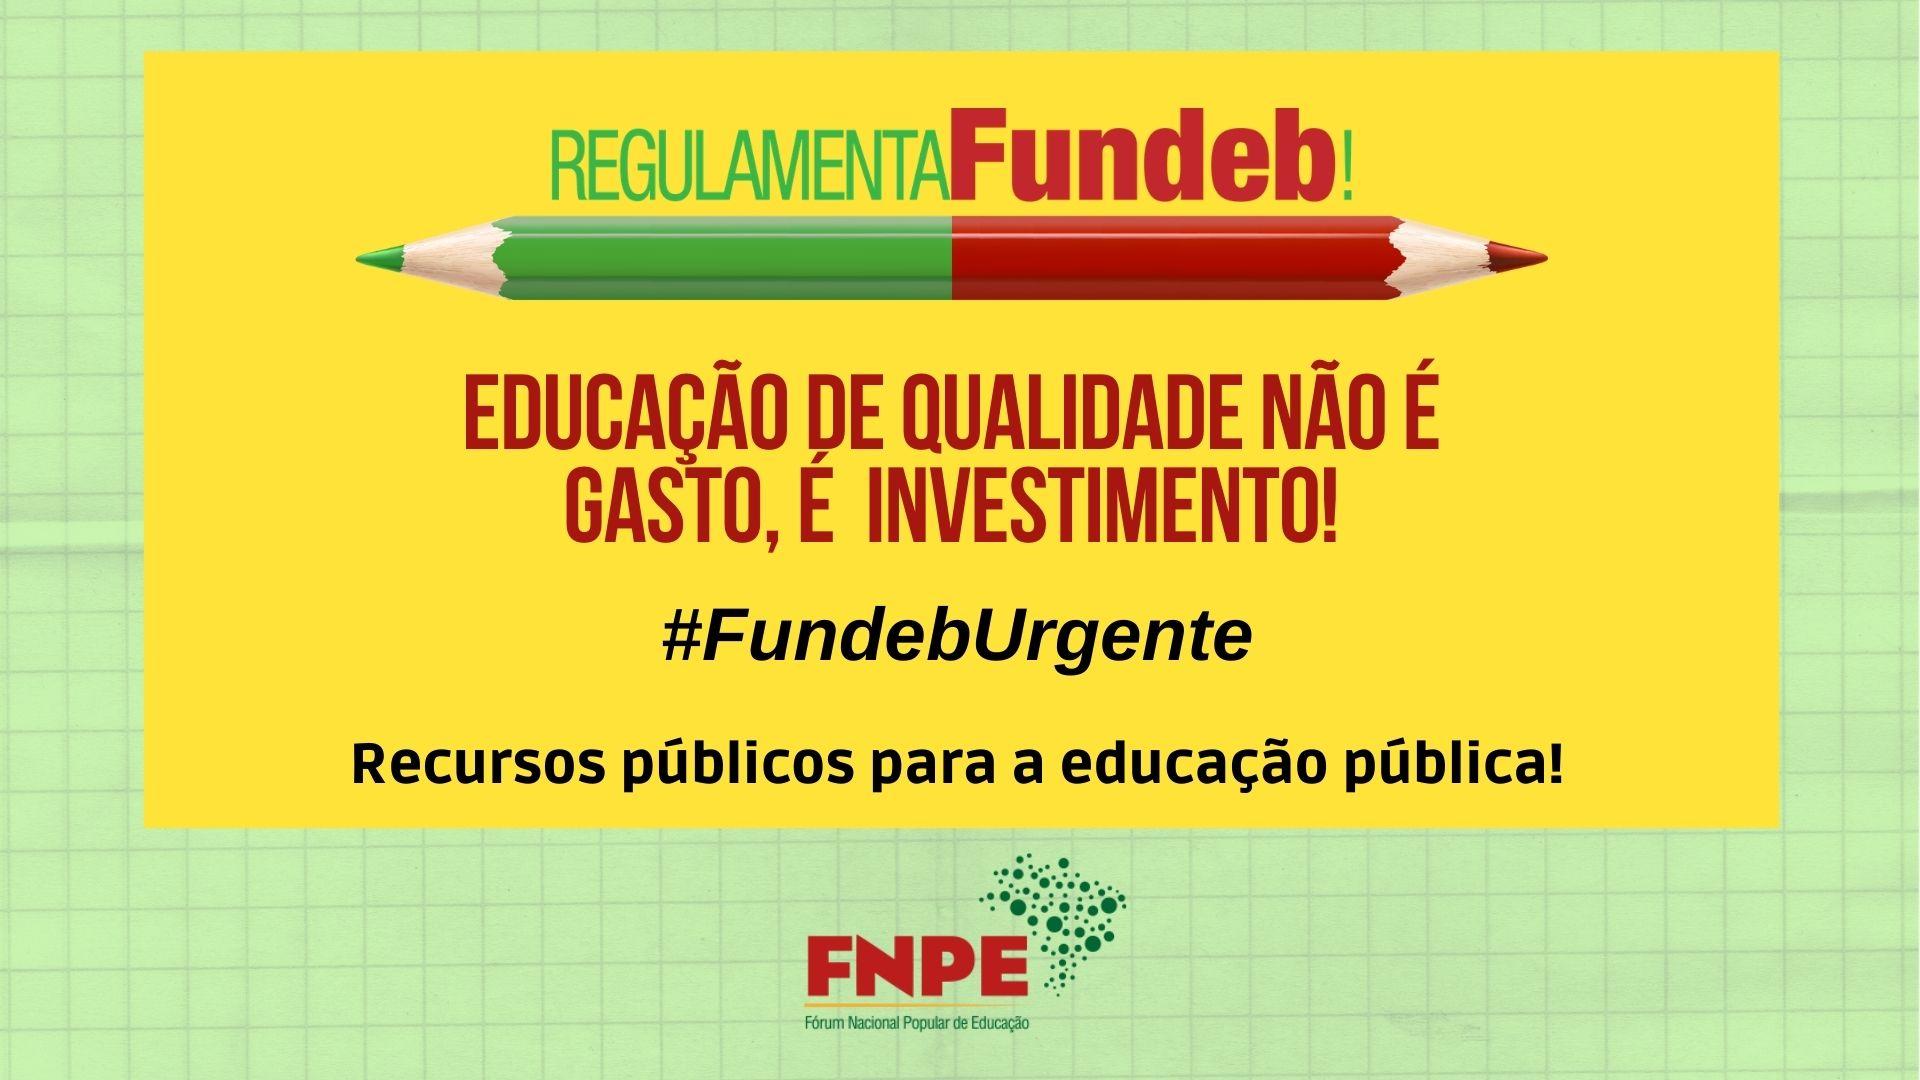 fundeb urgente dez 2020 educacao qualidade twitter